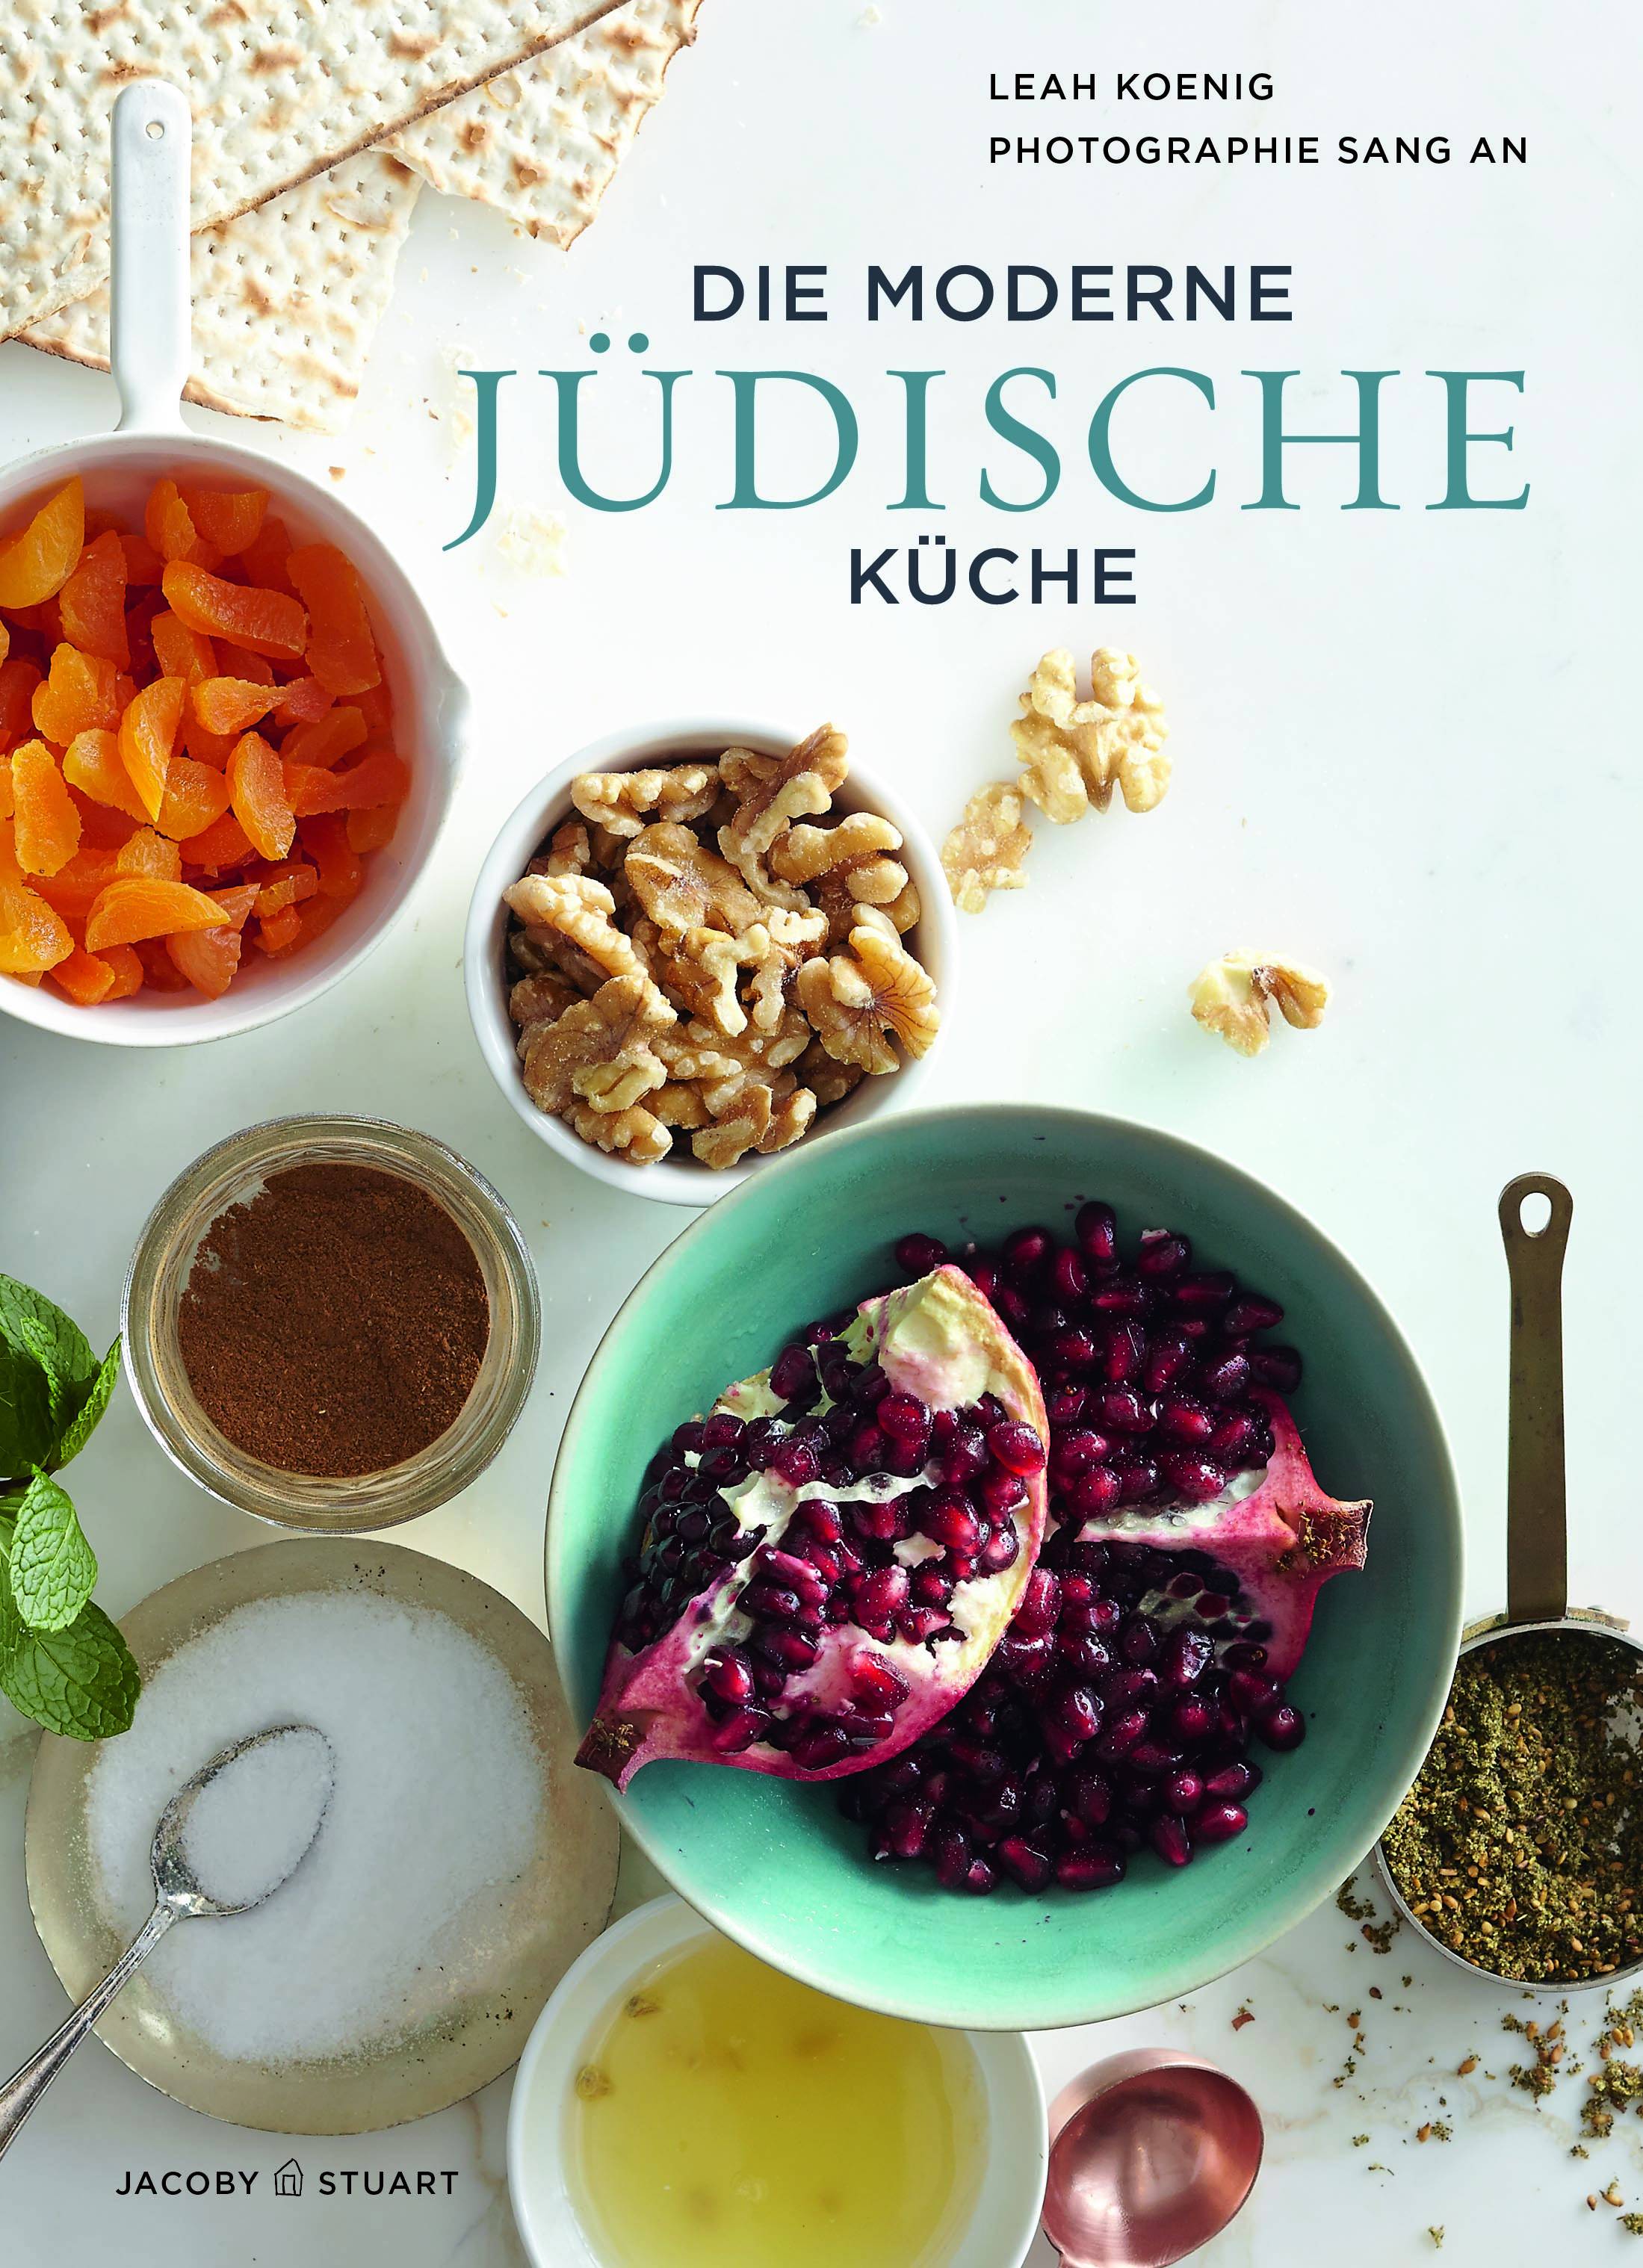 Die moderne jüdische küche verlagshaus jacoby stuart